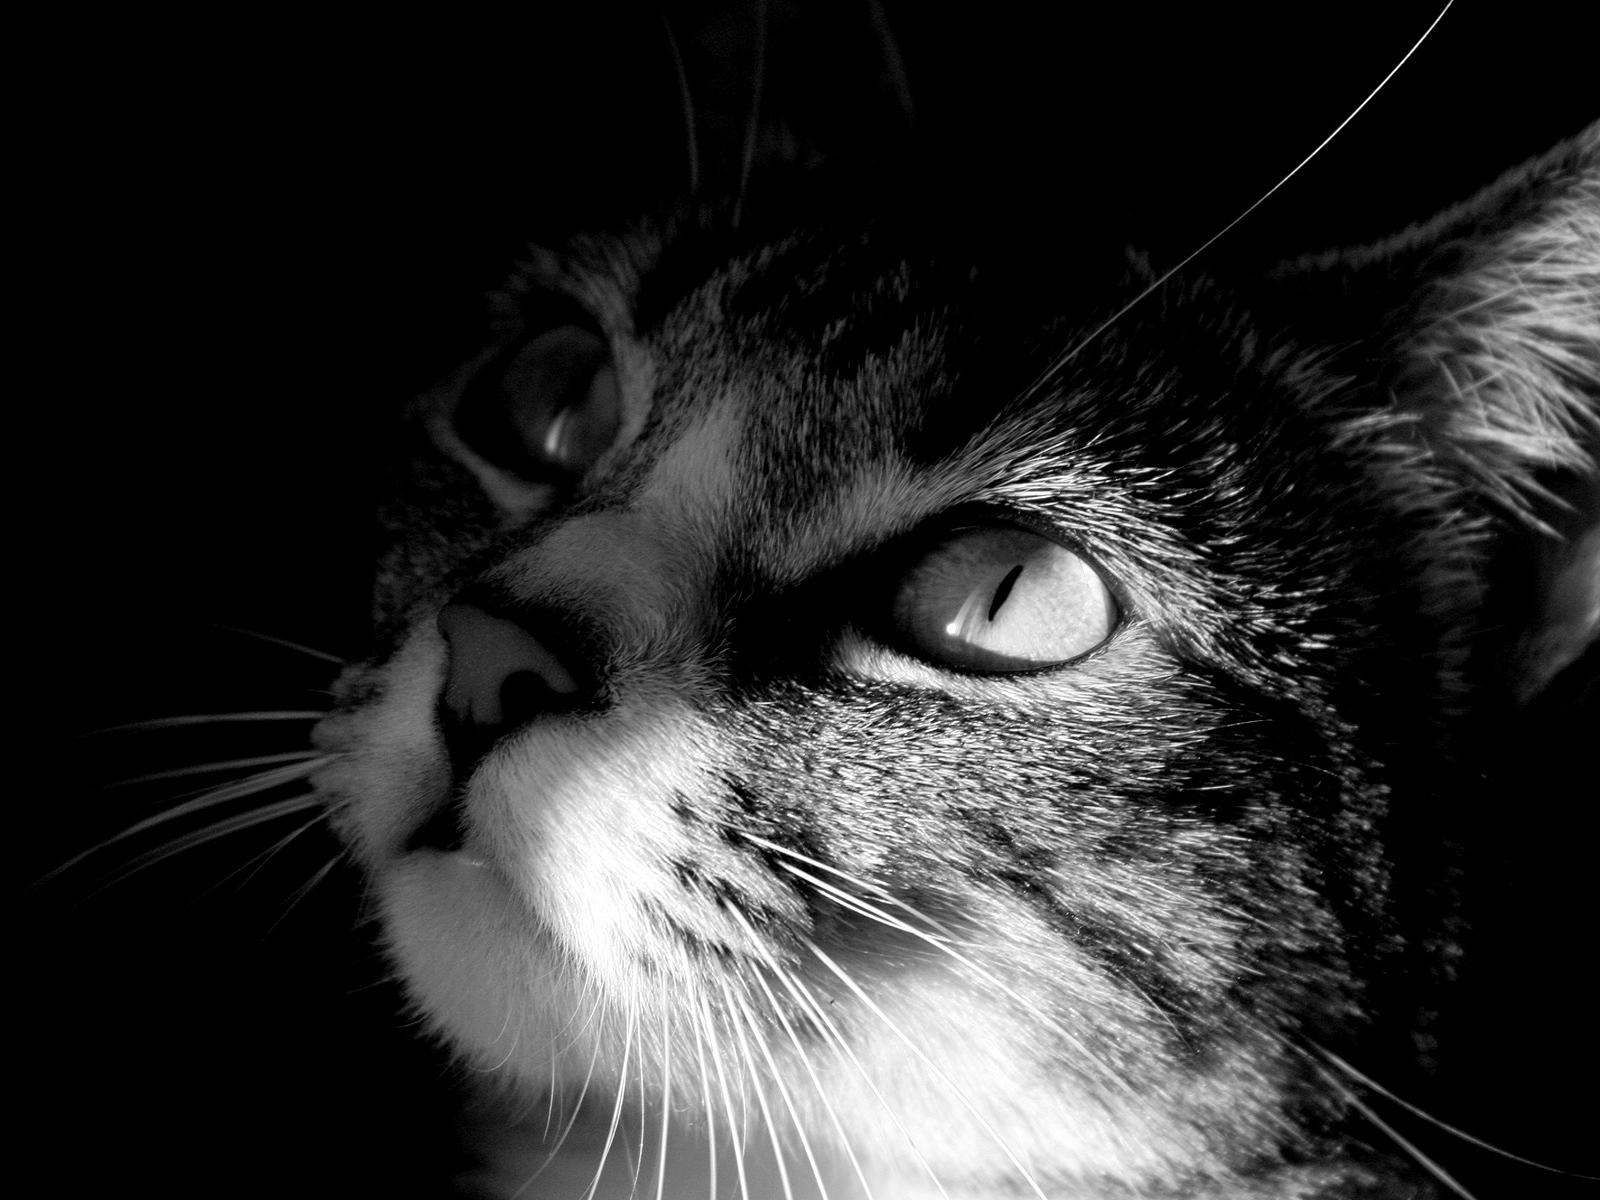 Черно-белая картинка котика.